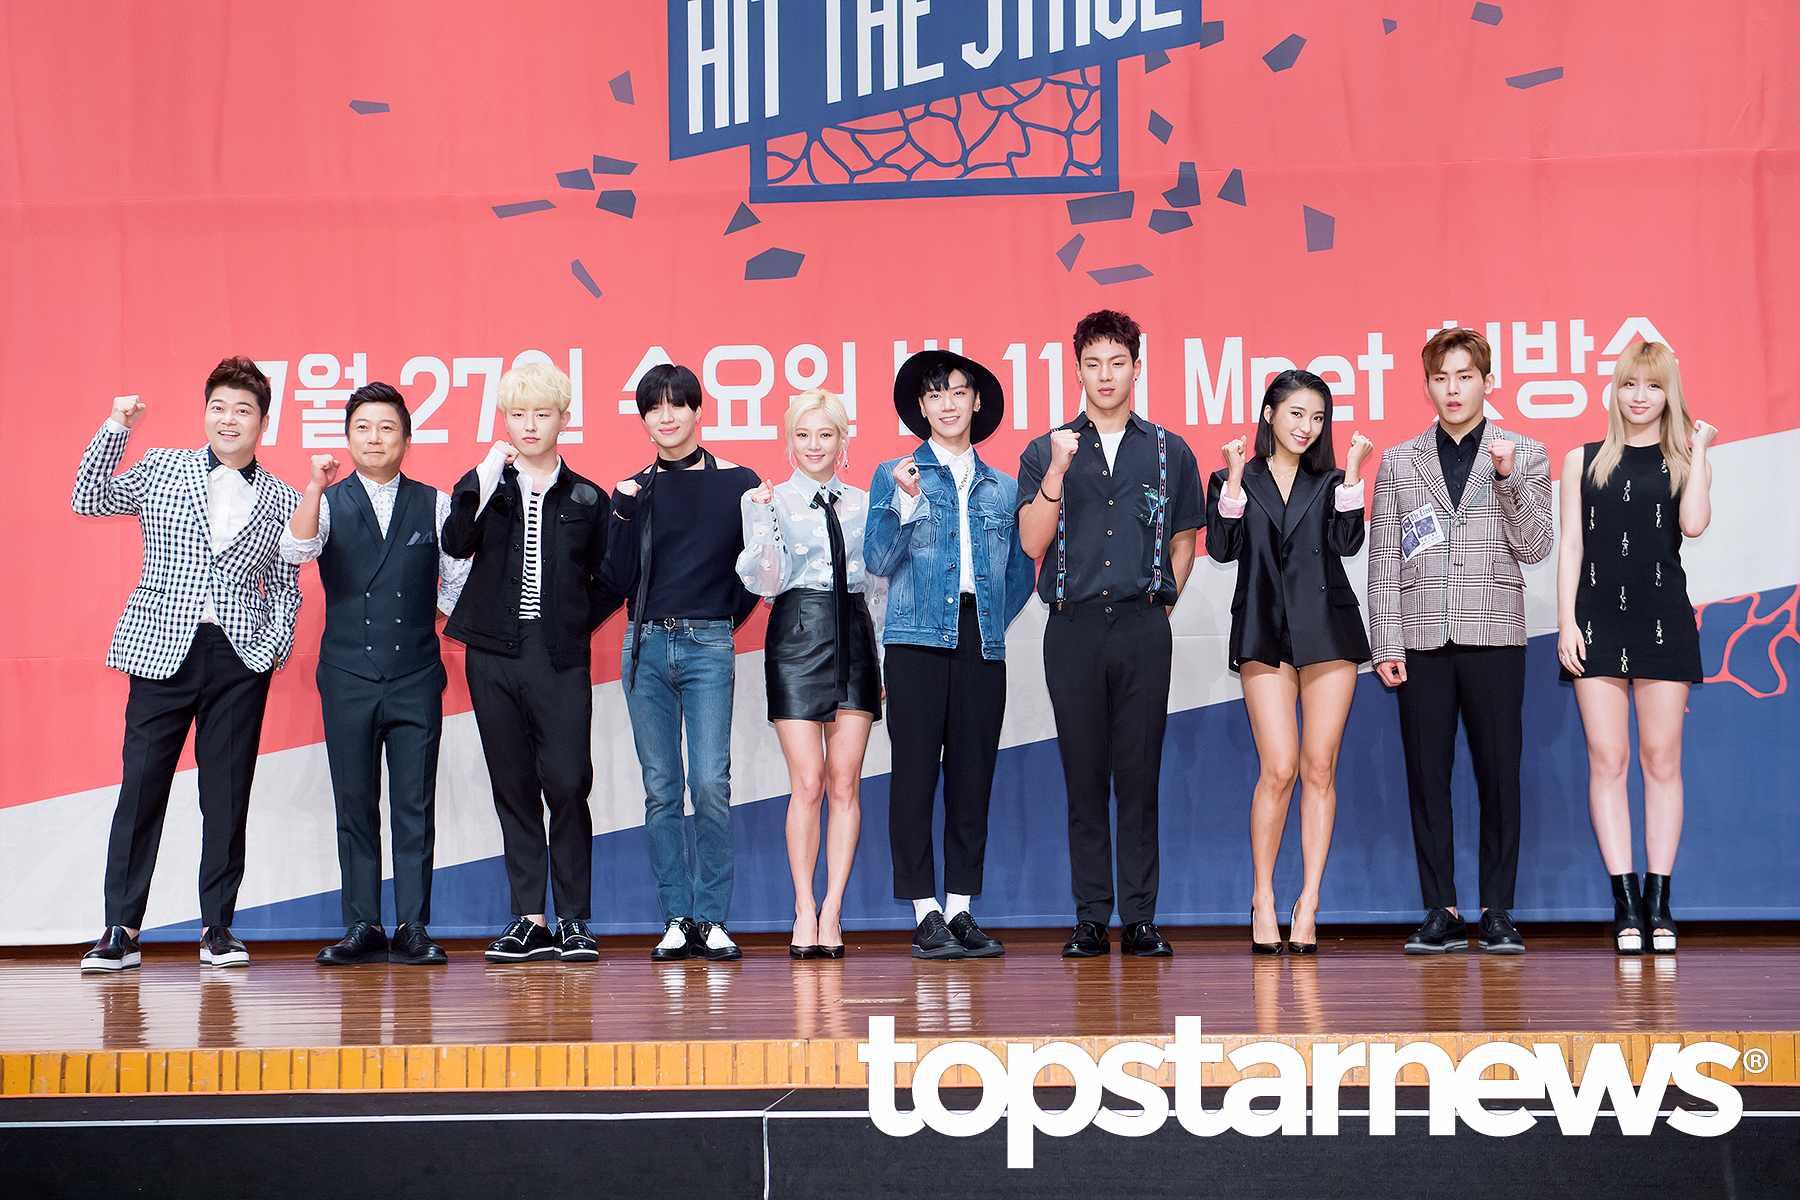 要說最近超火熱的一檔新韓綜應該非《Hit The Stage》莫屬了吧?除了節目本身的精彩外,參賽偶像們也話題十足外。